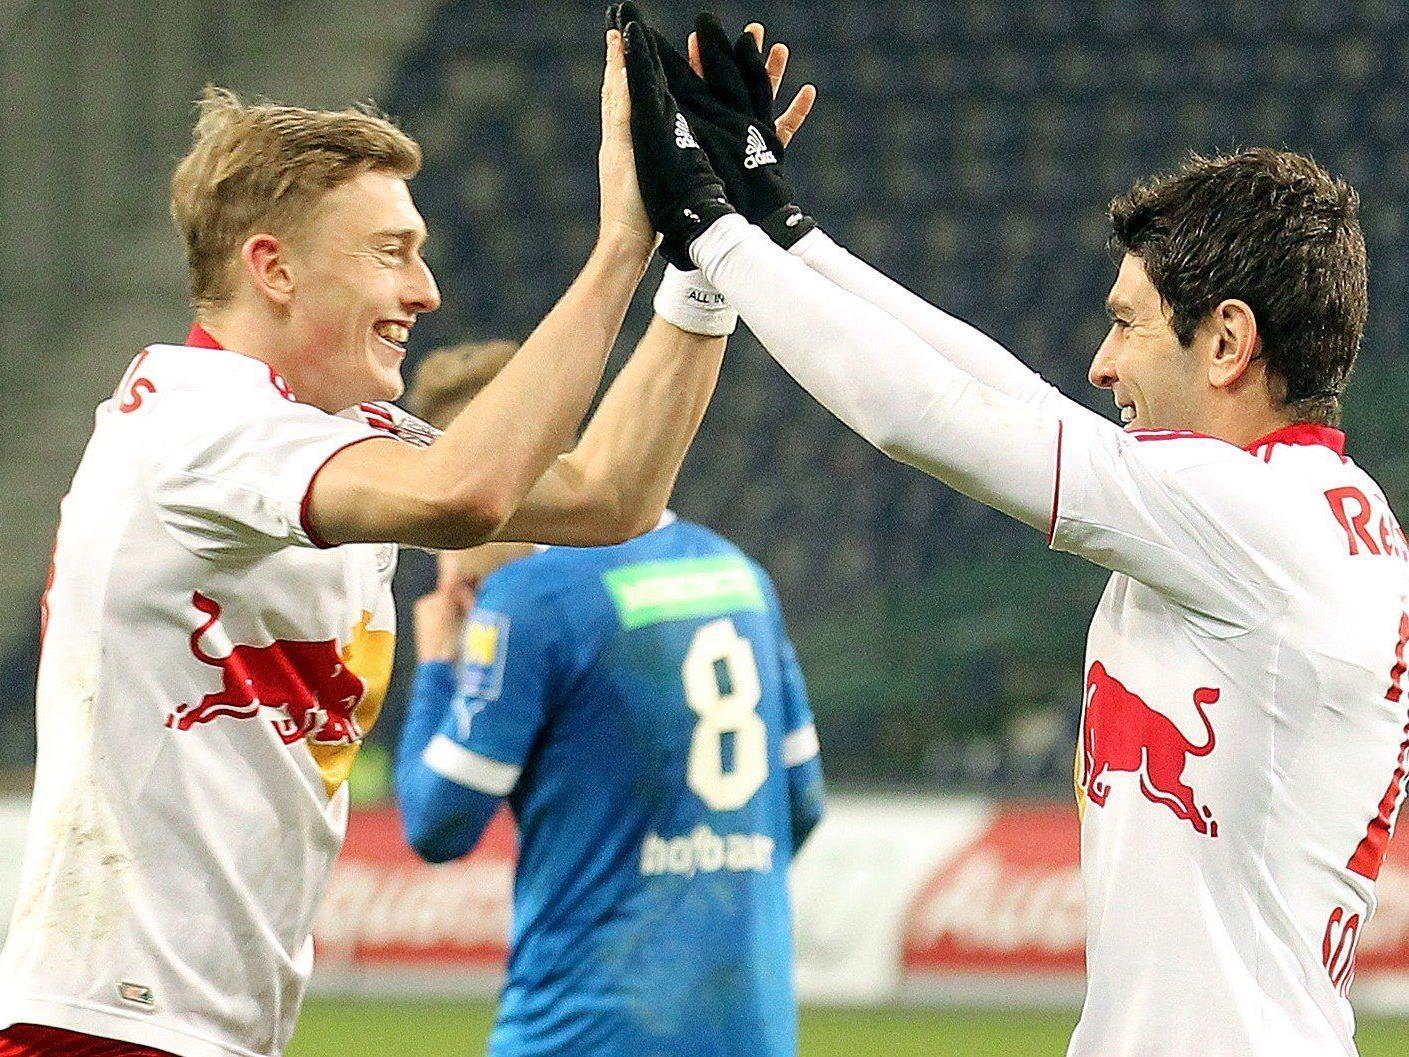 Wir berichten am Sonntag ab 16 Uhr live vom Spiel SC Wiener Neustadt gegen Red Bull Salzburg.